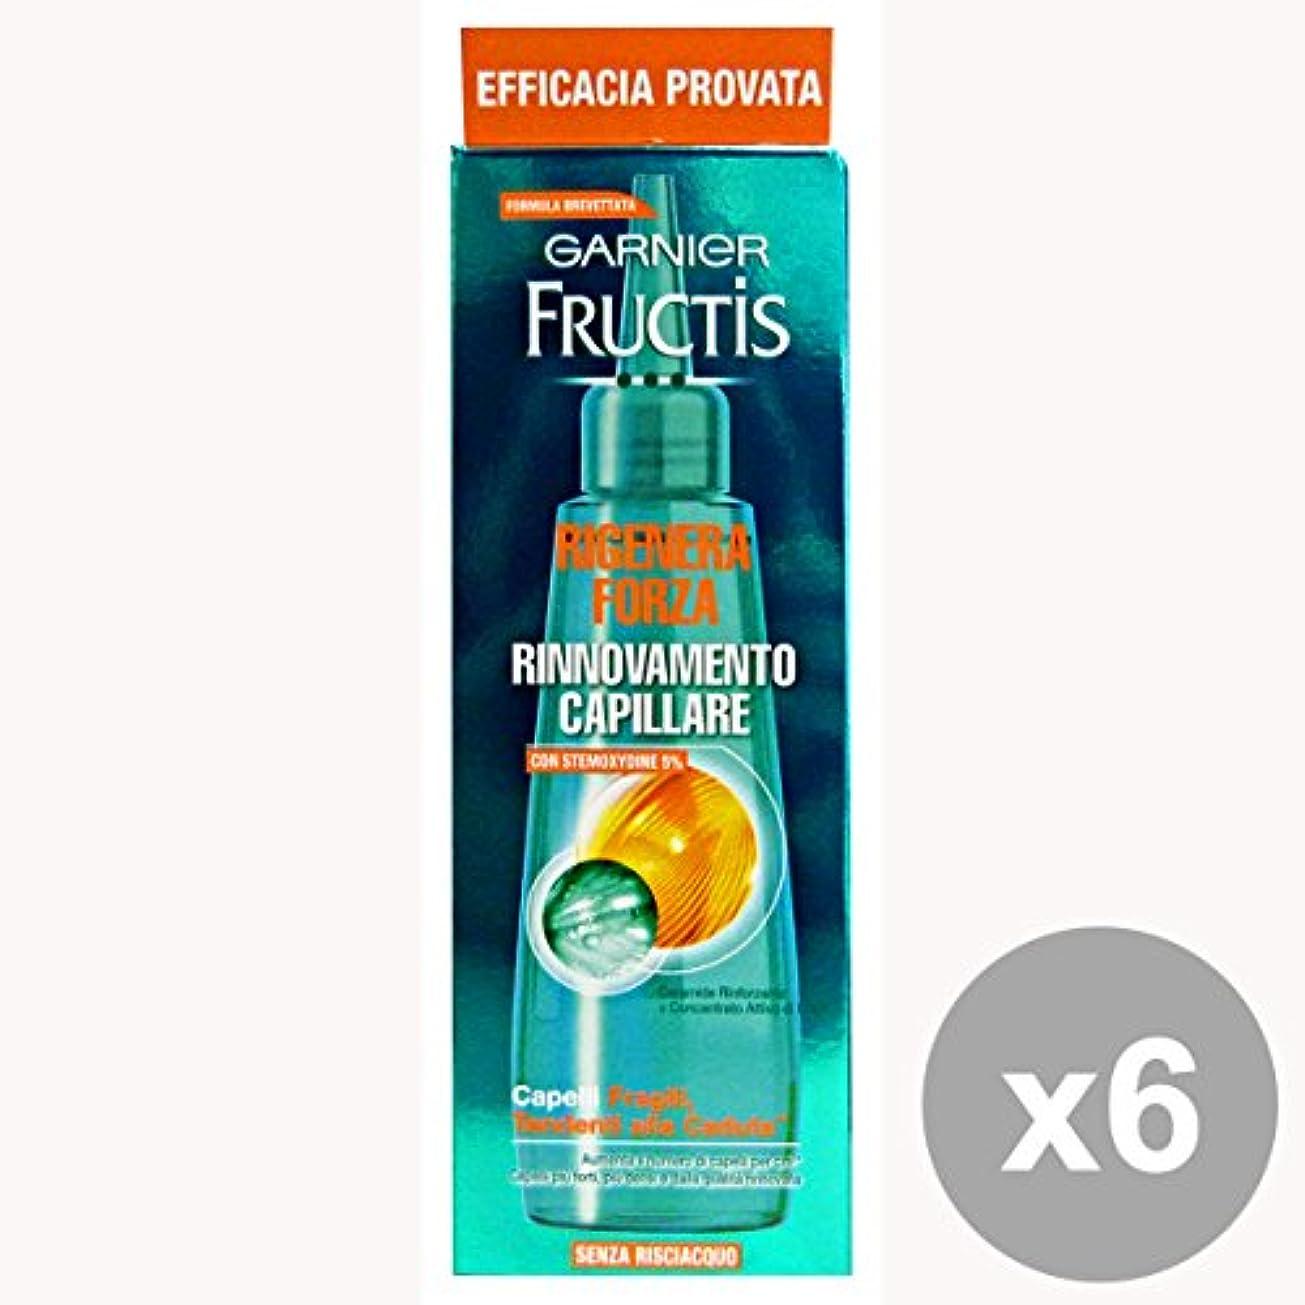 汚物アベニュー佐賀GARNIER Set 6 Fructis Regenerieren Strength Lotion Erneuerungs Ohne Abspülen 84 Ml. Haar